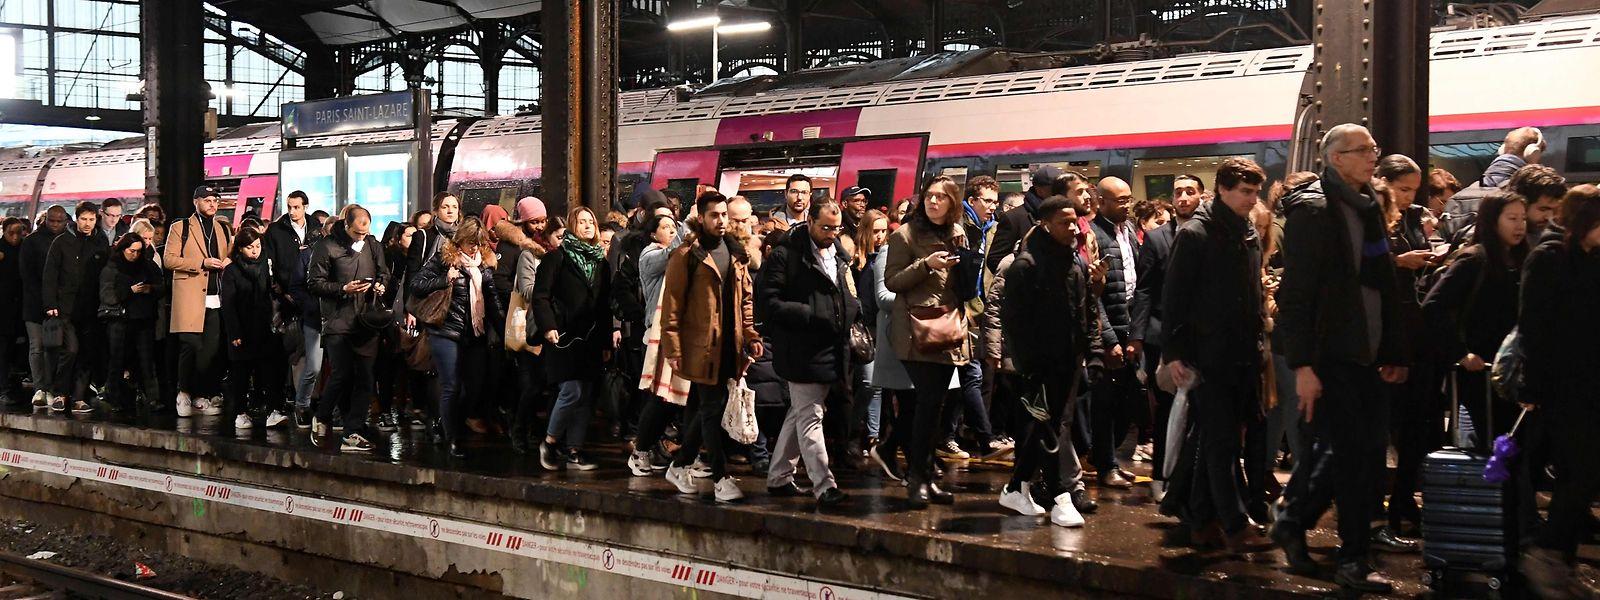 Die Proteste gegen die Rentenreform führen in der Metropole Paris regelmäßig zu einem Verkehrskollaps.